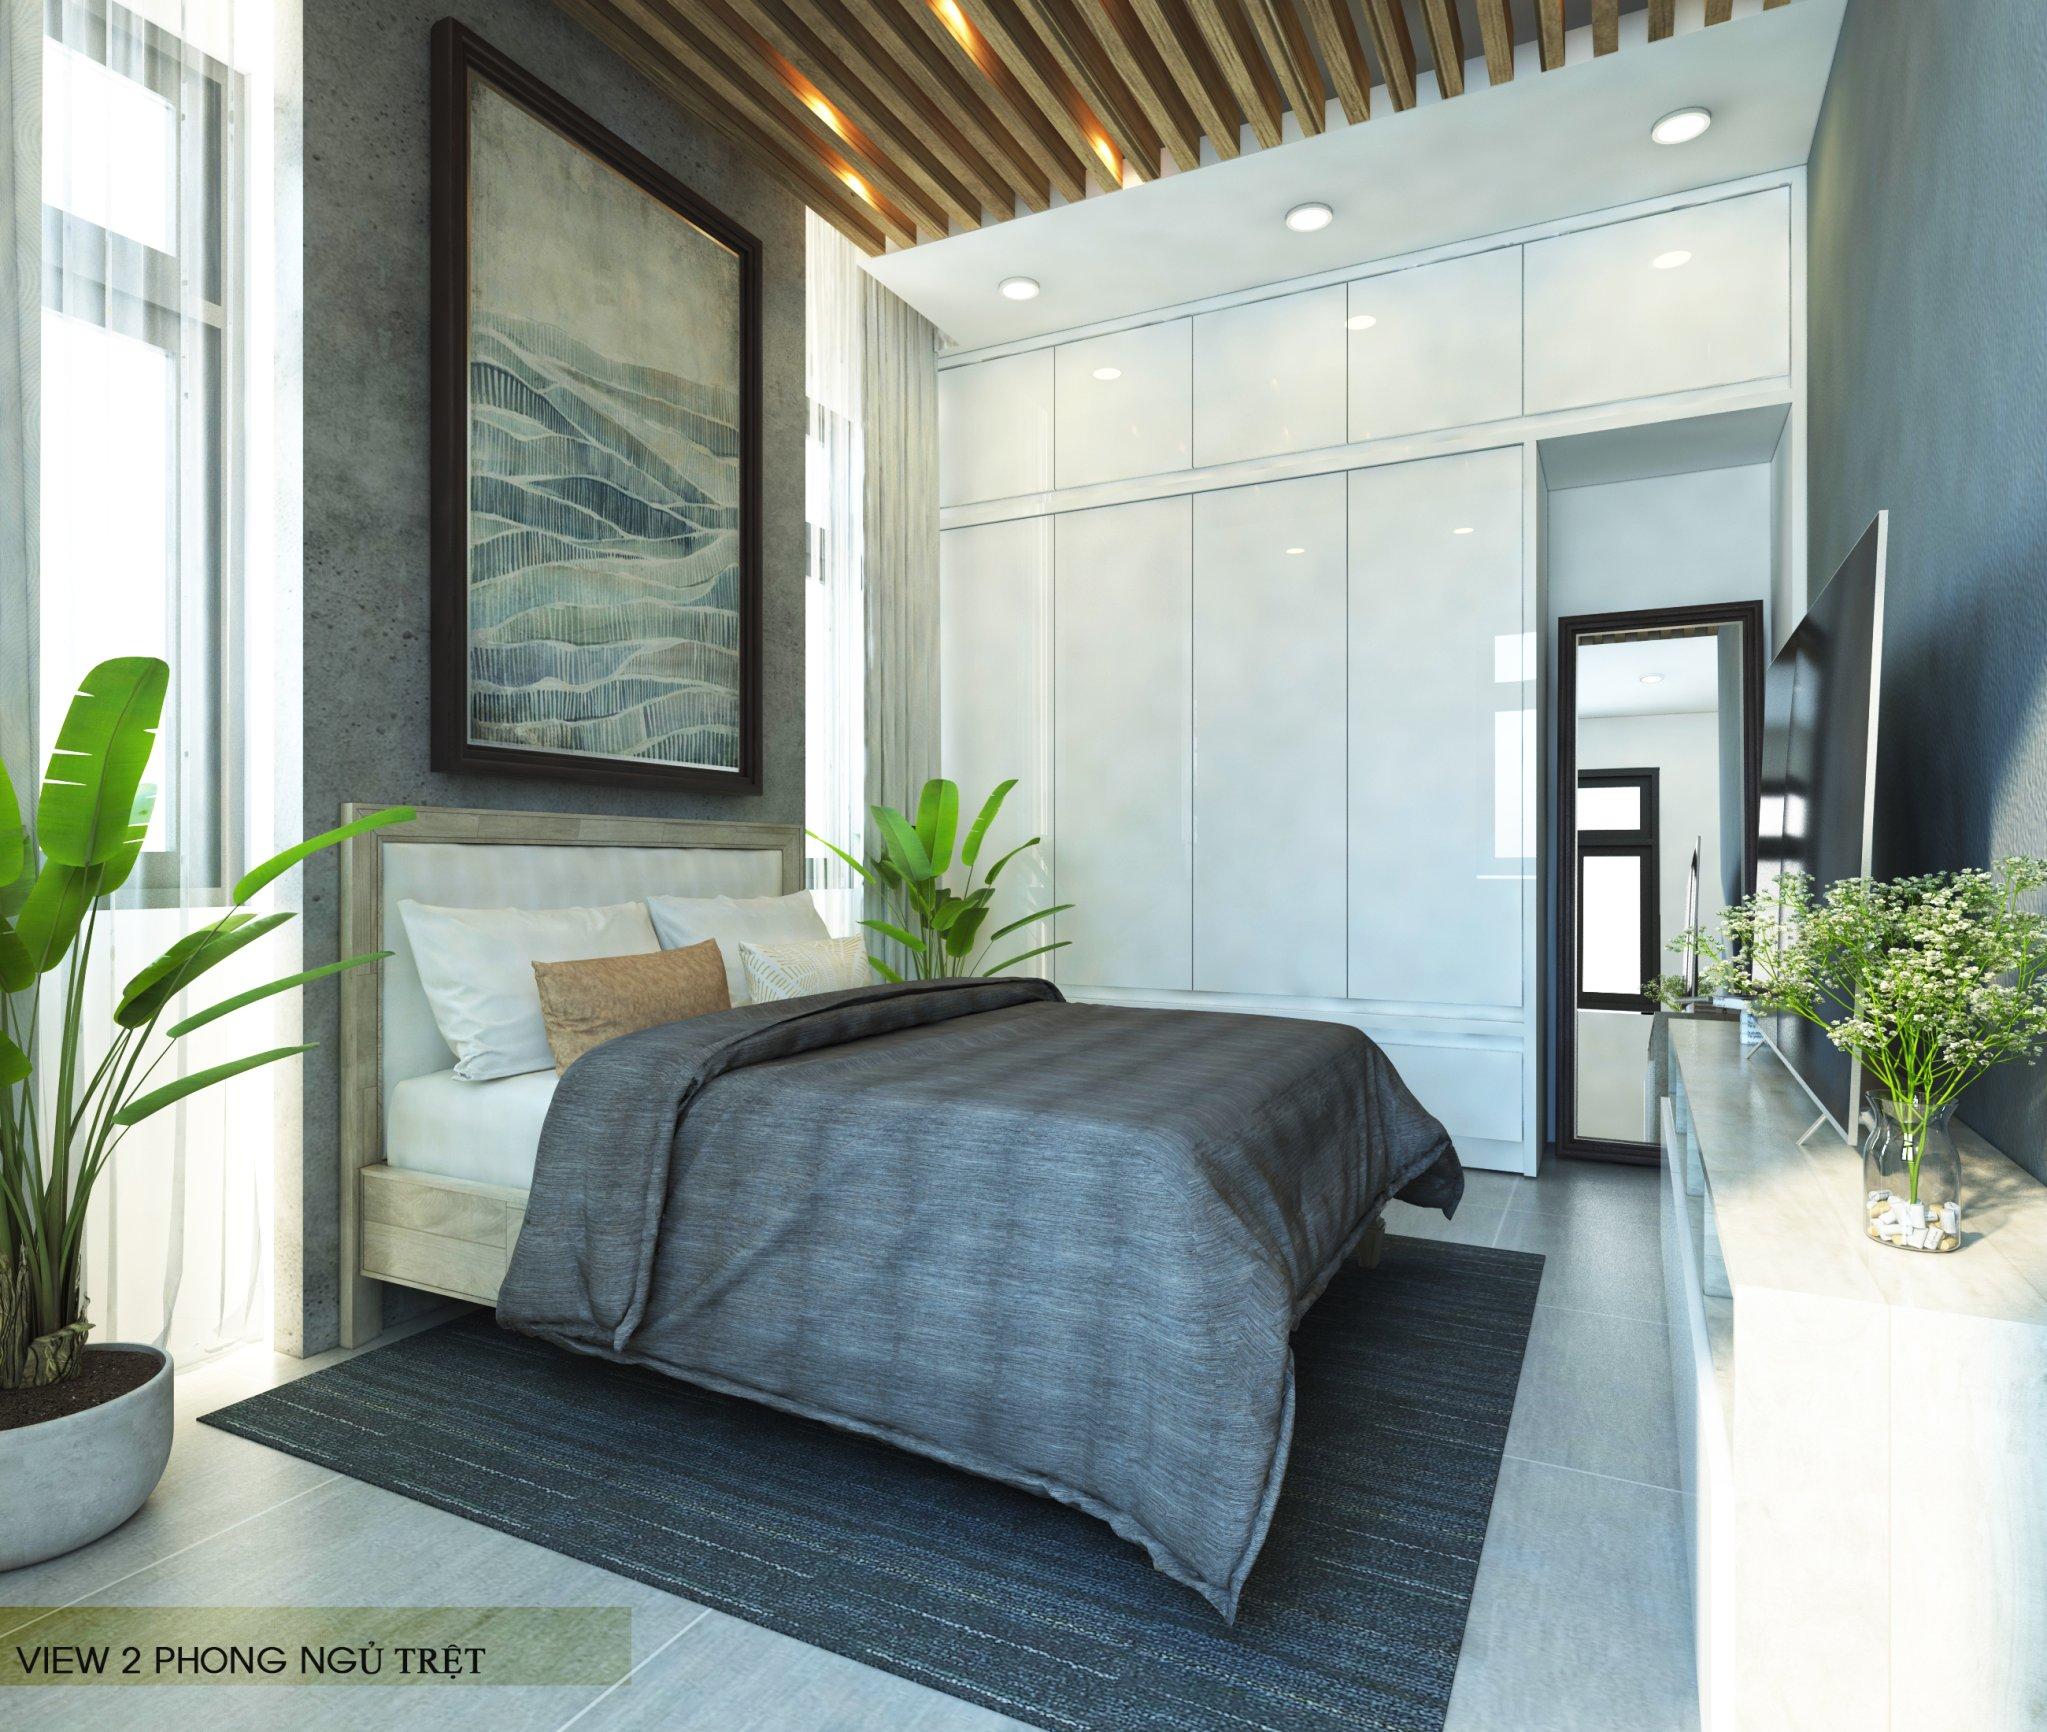 noi that hien dai biet thu 2 tang mini 11 [KHÔNG PHÁT SINH] xây nhà biệt thự 2 tầng ở Đồng Nai từ thiết kế đến hoàn công